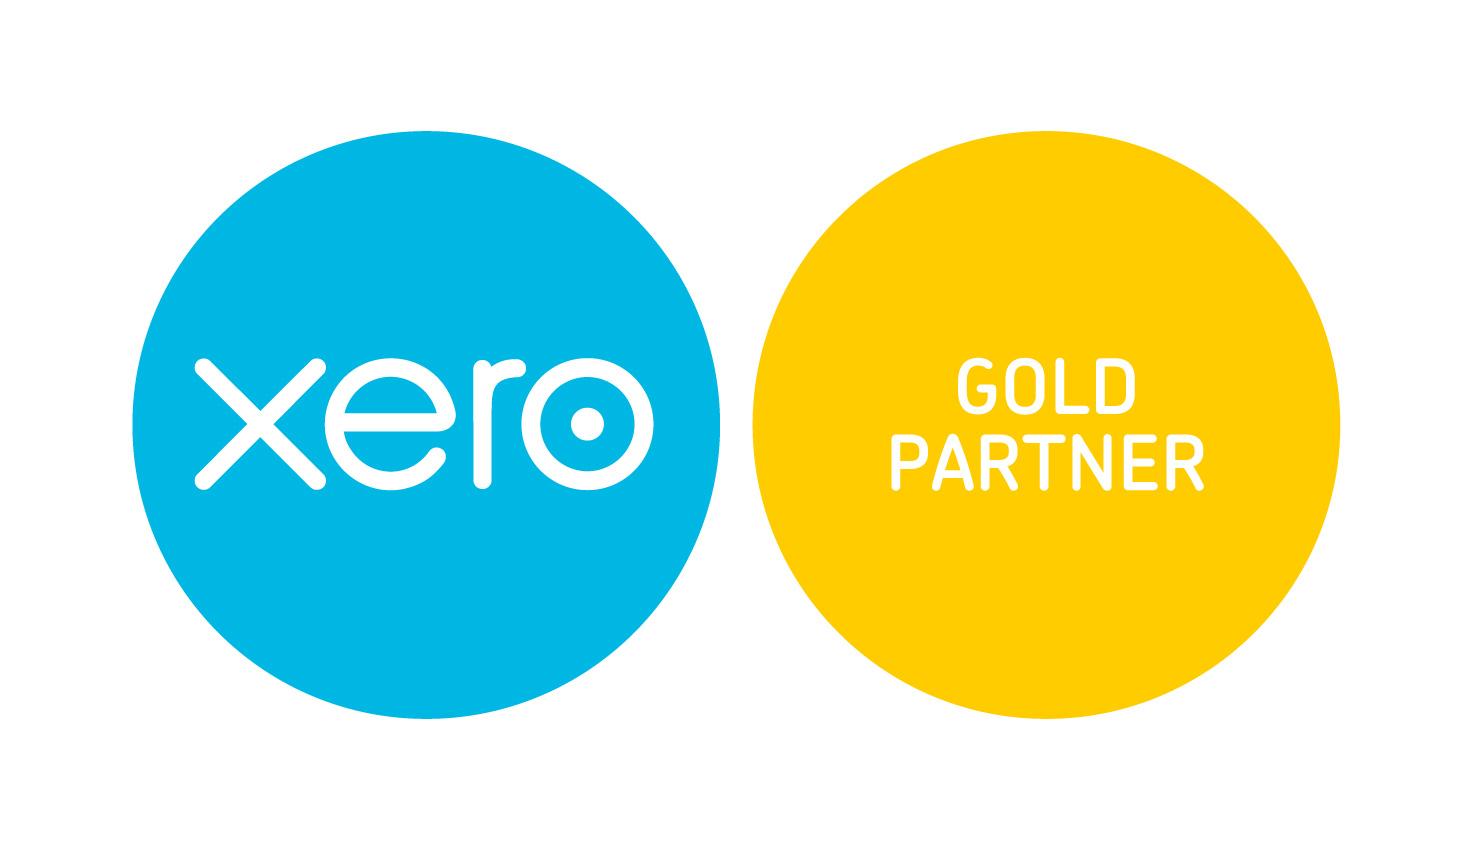 xero-gold-partner-logo-RGB-1024x590